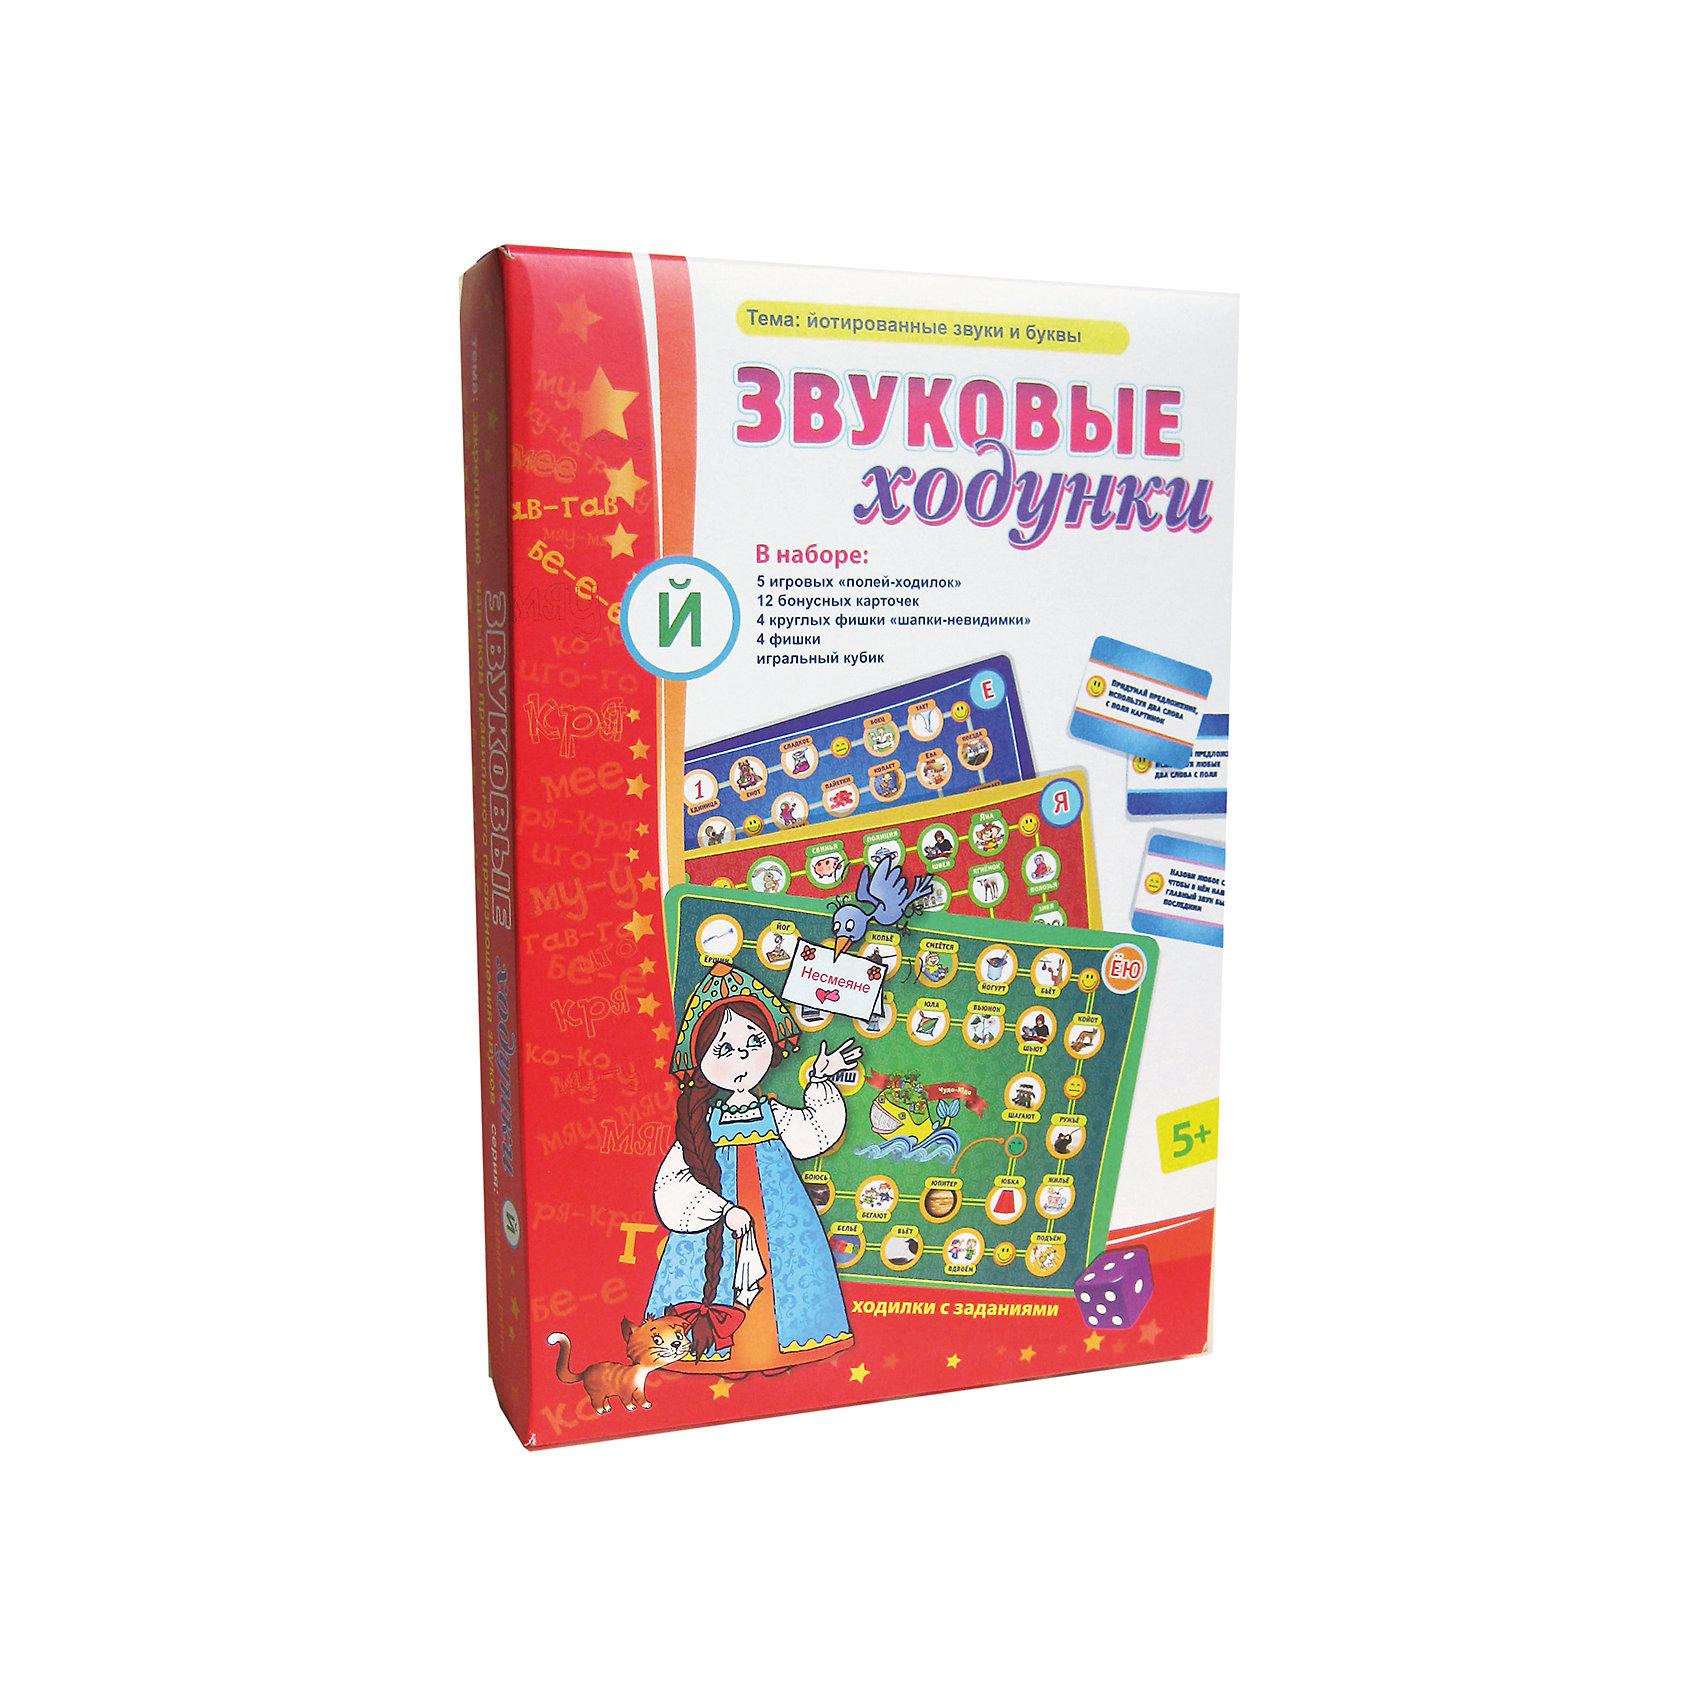 Звуковые ходунки Й, Игротека Татьяны БарчанНастольные игры ходилки<br>Звуковые ходунки Й, Игротека Татьяны Барчан.<br><br>Характеристики:<br><br>• Для детей в возрасте: от 5 до 8 лет<br>• В комплекте: 5 полей-ходилок, 12 карточек с дополнительными заданиями, игральный кубик, 4 фишки, инструкция<br>• Тема: Йотированные звуки и буквы<br>• Размер одного игрового поля: 34х25 см.<br>• Материал: плотный качественный картон<br>• Производитель: ЦОТР Ребус (Россия)<br>• Упаковка: картонная коробка<br>• Размер упаковки: 270х180х45 мм.<br>• Вес: 275 гр.<br><br>Звуковые «ходунки» адресованы логопедам, педагогам, ответственным родителям, которые хотят помочь детям автоматизировать произношение йотированных гласных (я, е, ё, ю). <br><br>Как и в обычных ходилках, выпавшие точки на кубике показывают, сколько шагов вперёд надо сделать игроку. Но вот ход засчитывается только тогда, когда игрок фонетически правильно назовёт слово, на которое попадает фишка. <br><br>Такие упражнения, выполненные в ходе игры, помогут и в развитии навыка звукового анализа слова, расширят активный словарь малыша. В игре есть дополнительные задания на становление грамматического строя, развитие зрительной и слуховой памяти и внимания.<br><br>Игру Звуковые ходунки Й, Игротека Татьяны Барчан можно купить в нашем интернет-магазине.<br><br>Ширина мм: 270<br>Глубина мм: 180<br>Высота мм: 40<br>Вес г: 270<br>Возраст от месяцев: 60<br>Возраст до месяцев: 96<br>Пол: Унисекс<br>Возраст: Детский<br>SKU: 6751316